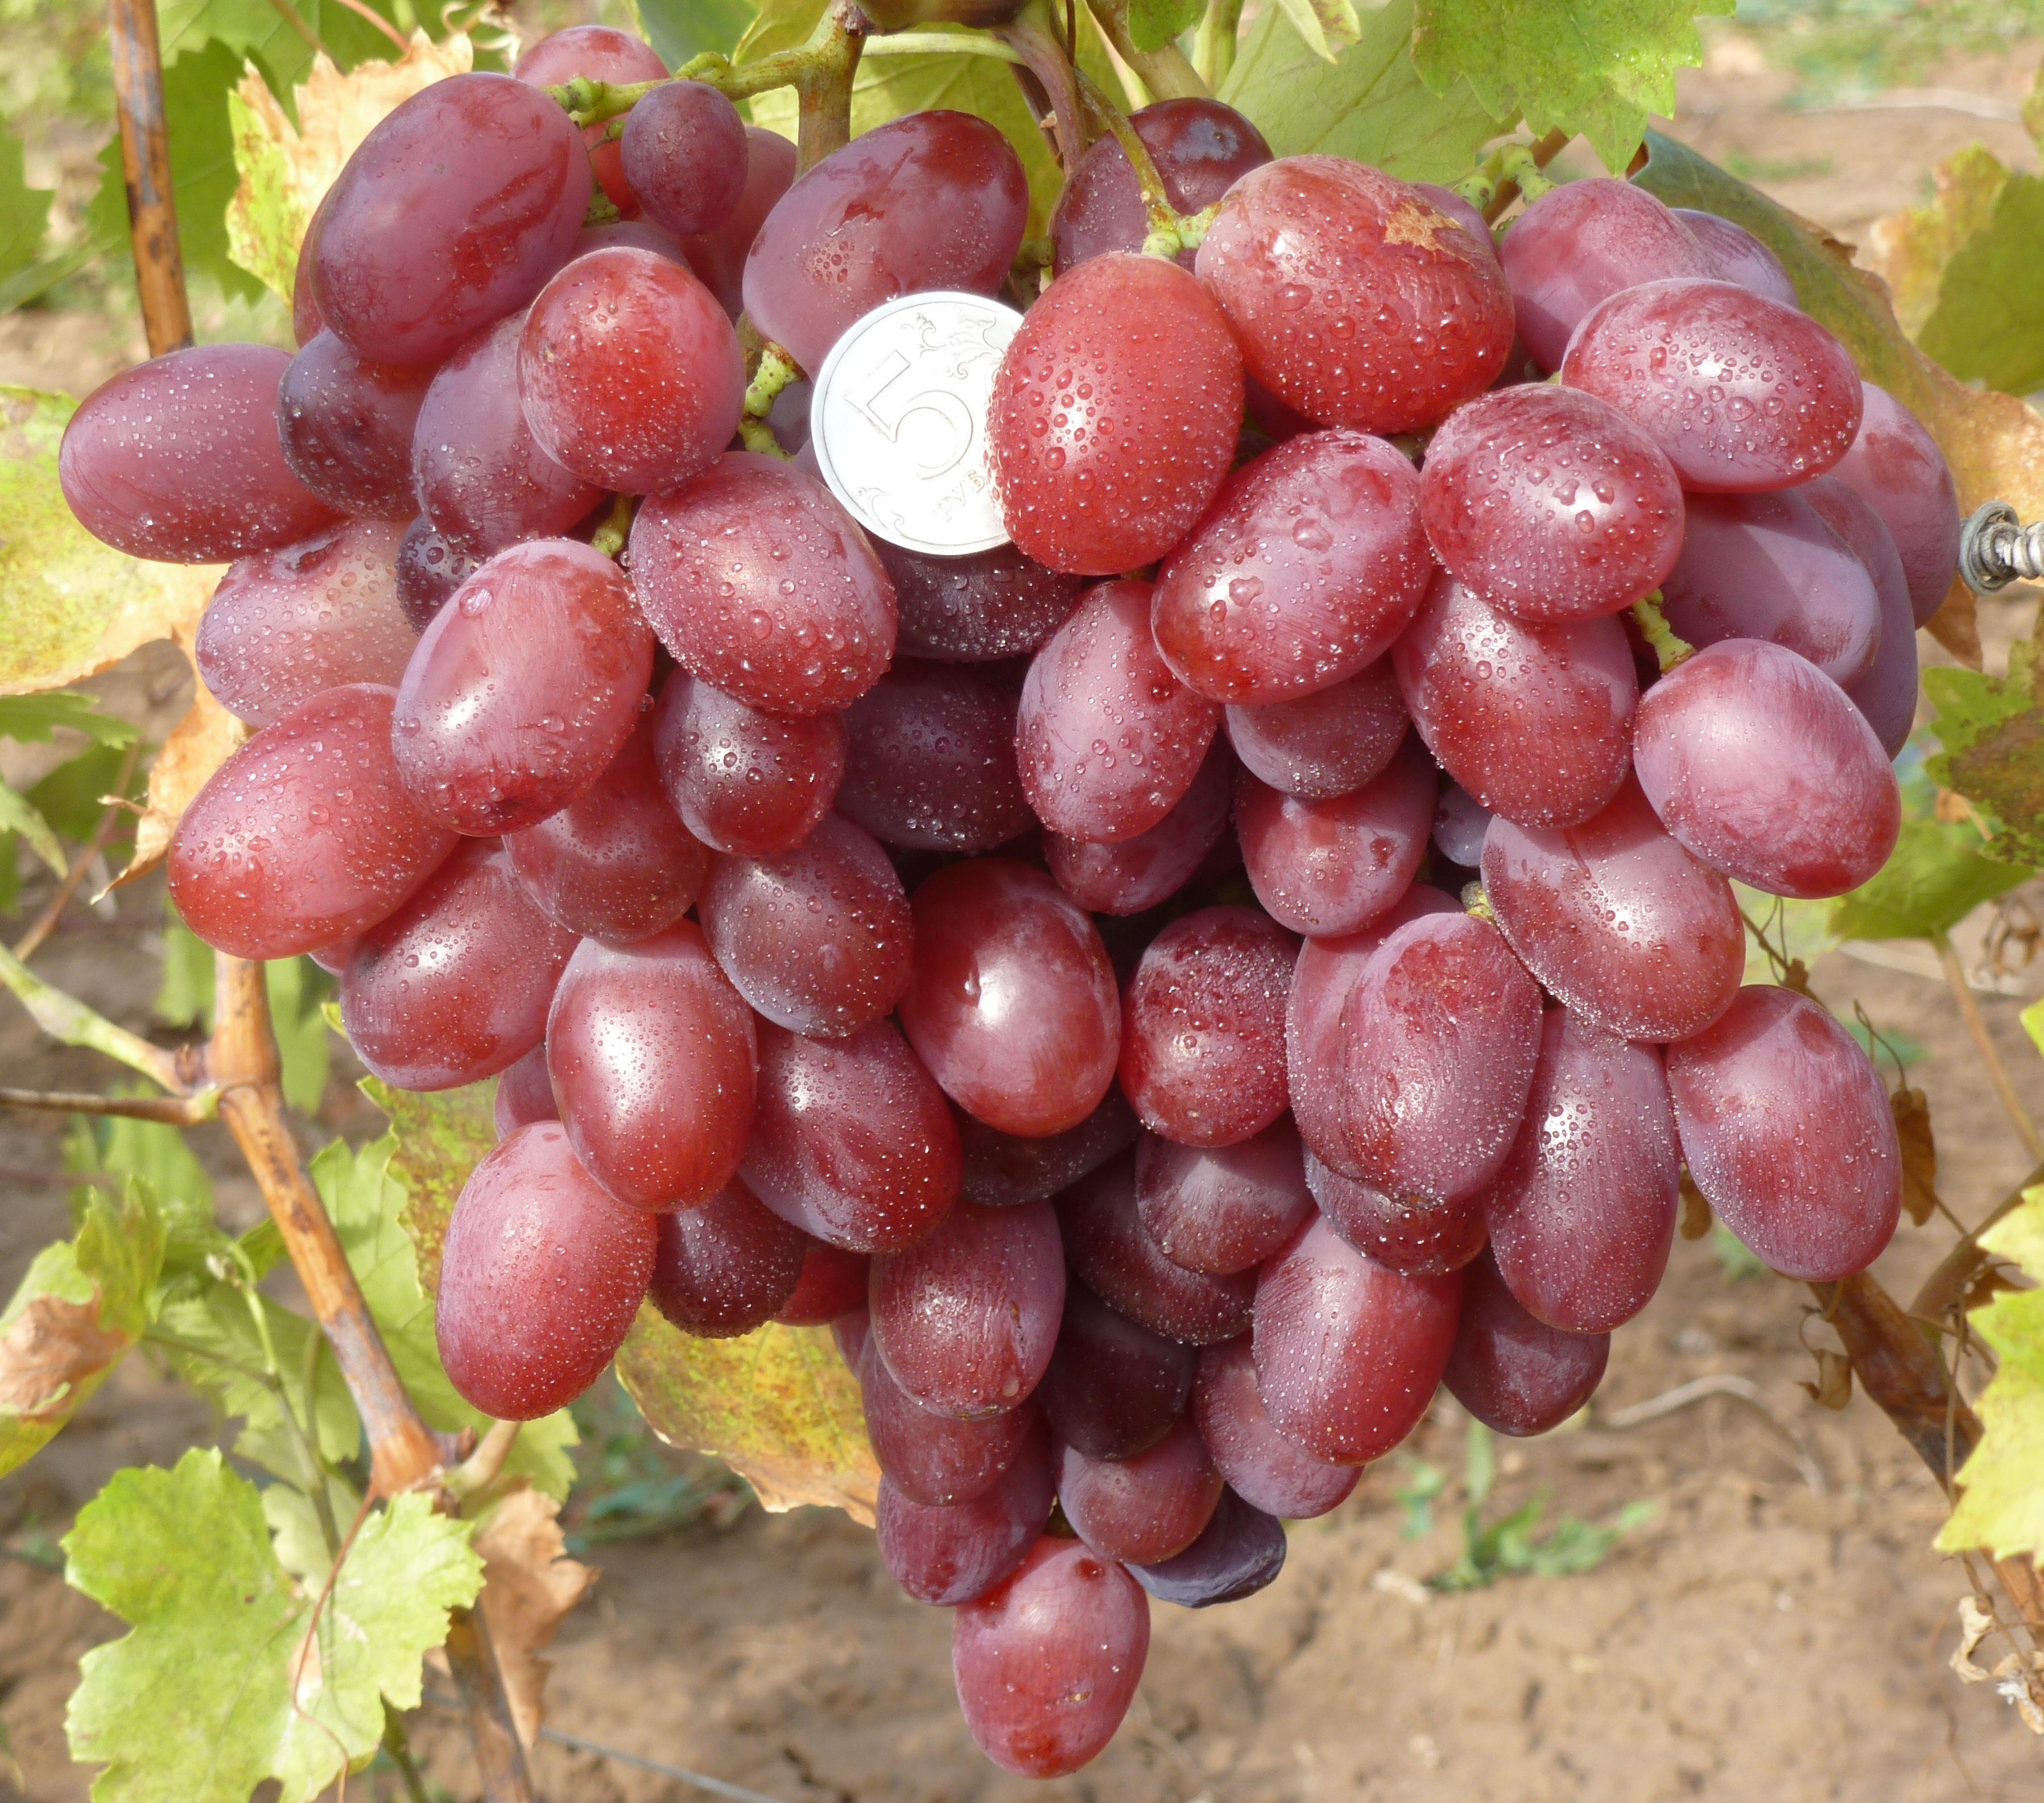 Виноград новый подарок запорожью: описание сорта и фото, его характеристики и особенности selo.guru — интернет портал о сельском хозяйстве